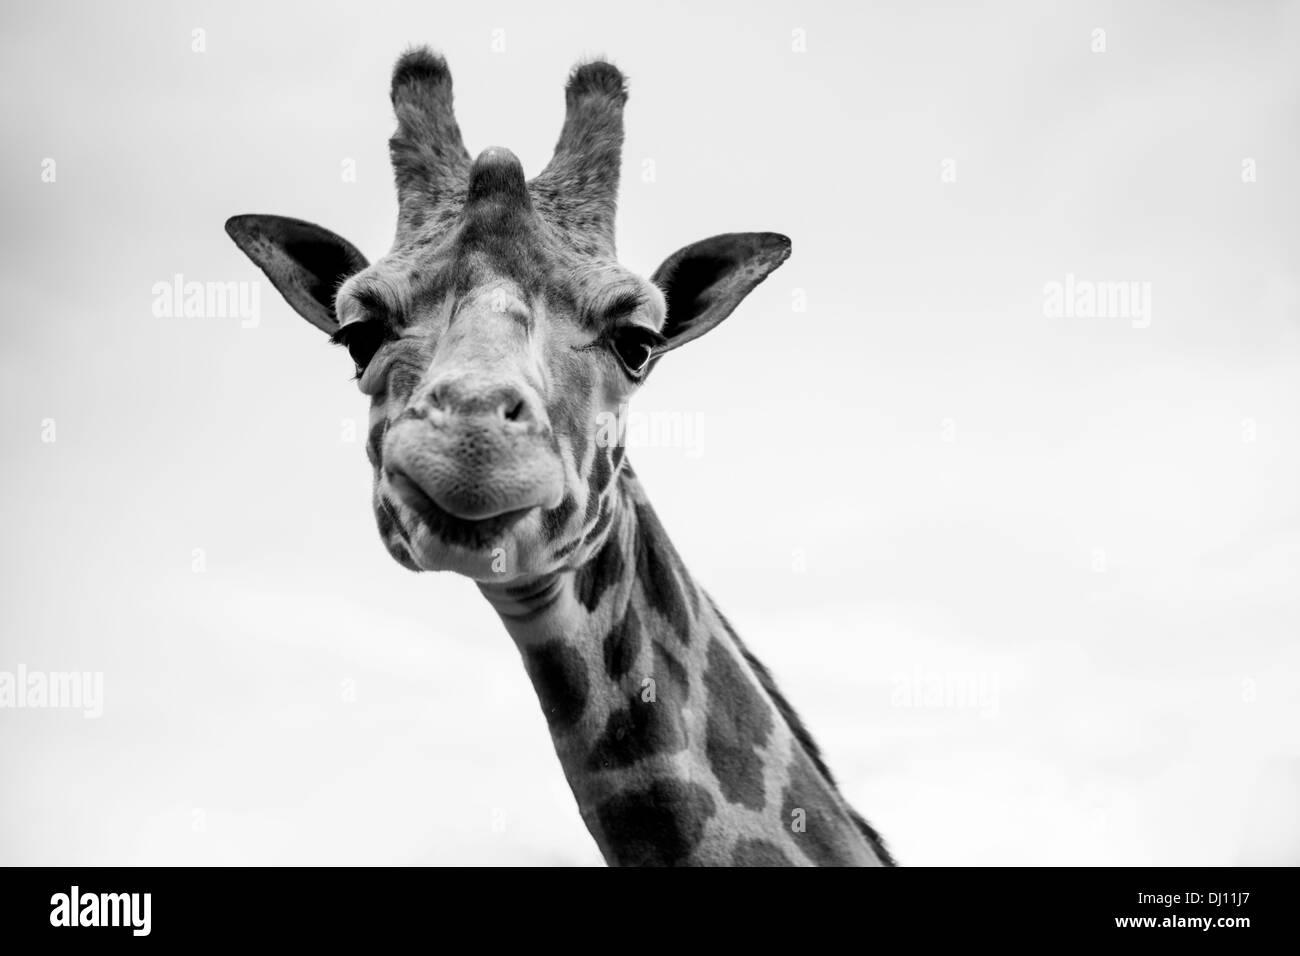 Eine einzelne Giraffe-Porträt in schwarz / weiß Stockbild